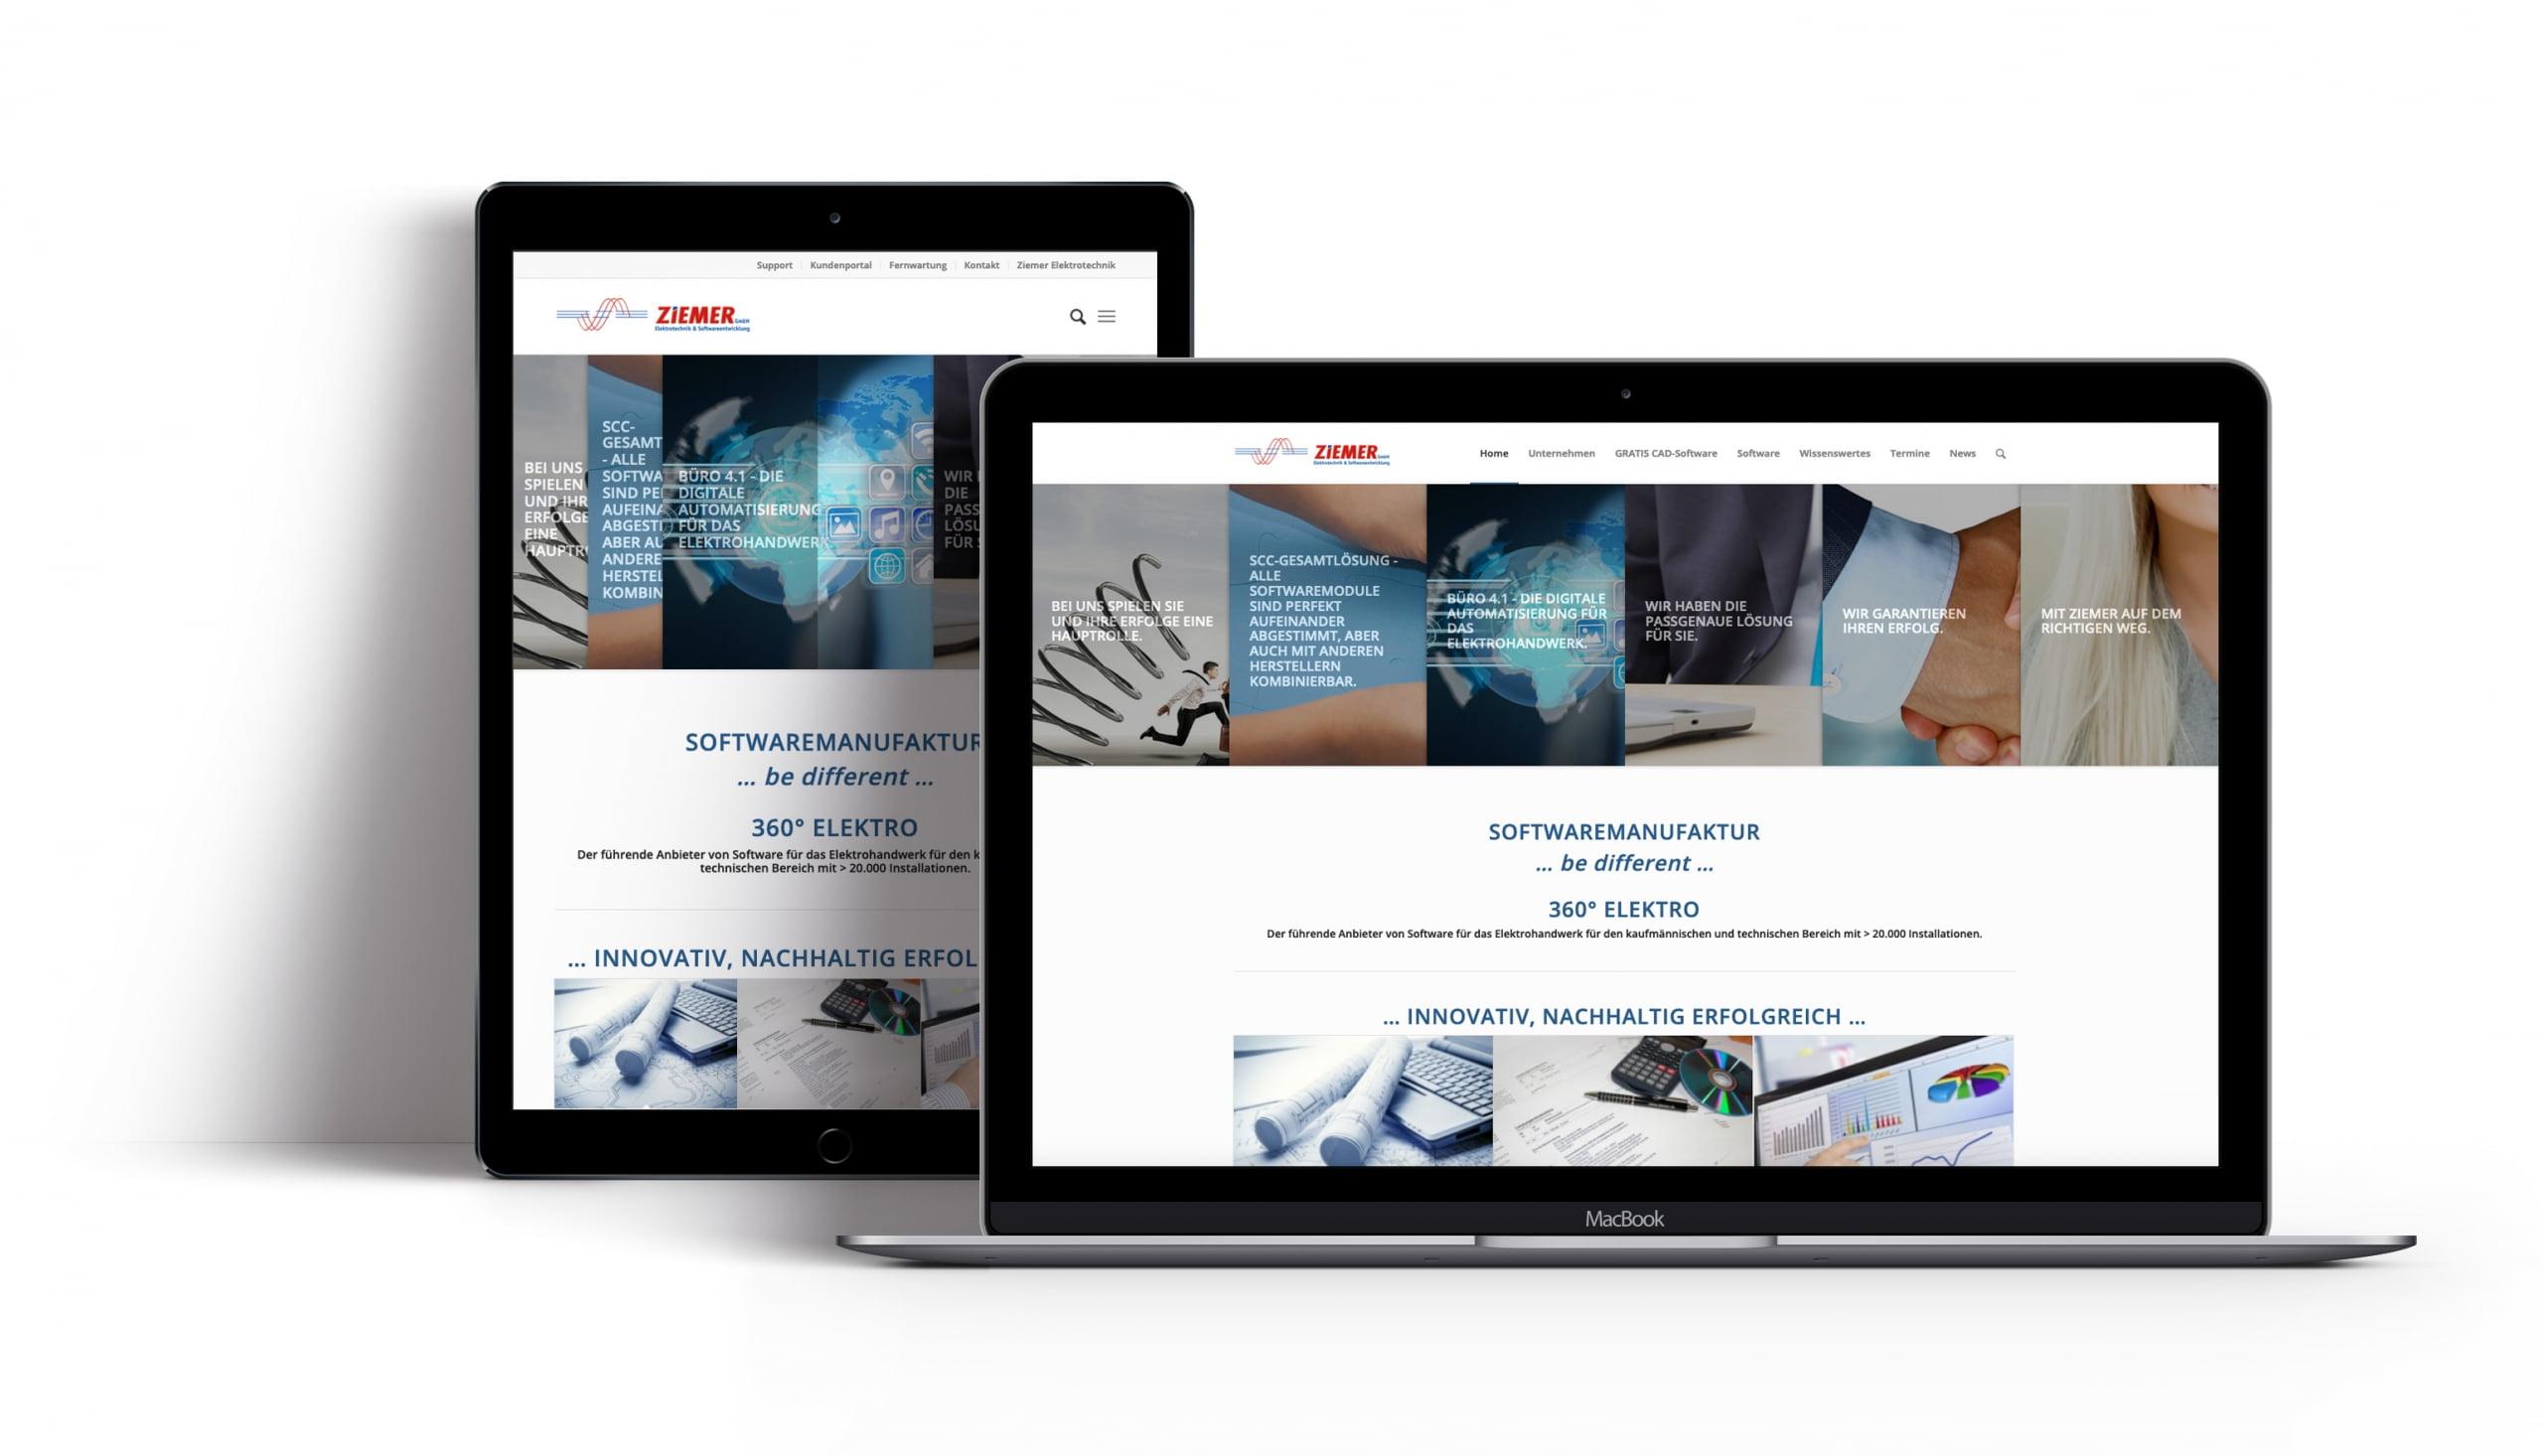 Bottega Design Referenz Illustration Webseite auf mobilen Endgeräten für Ziemer Software